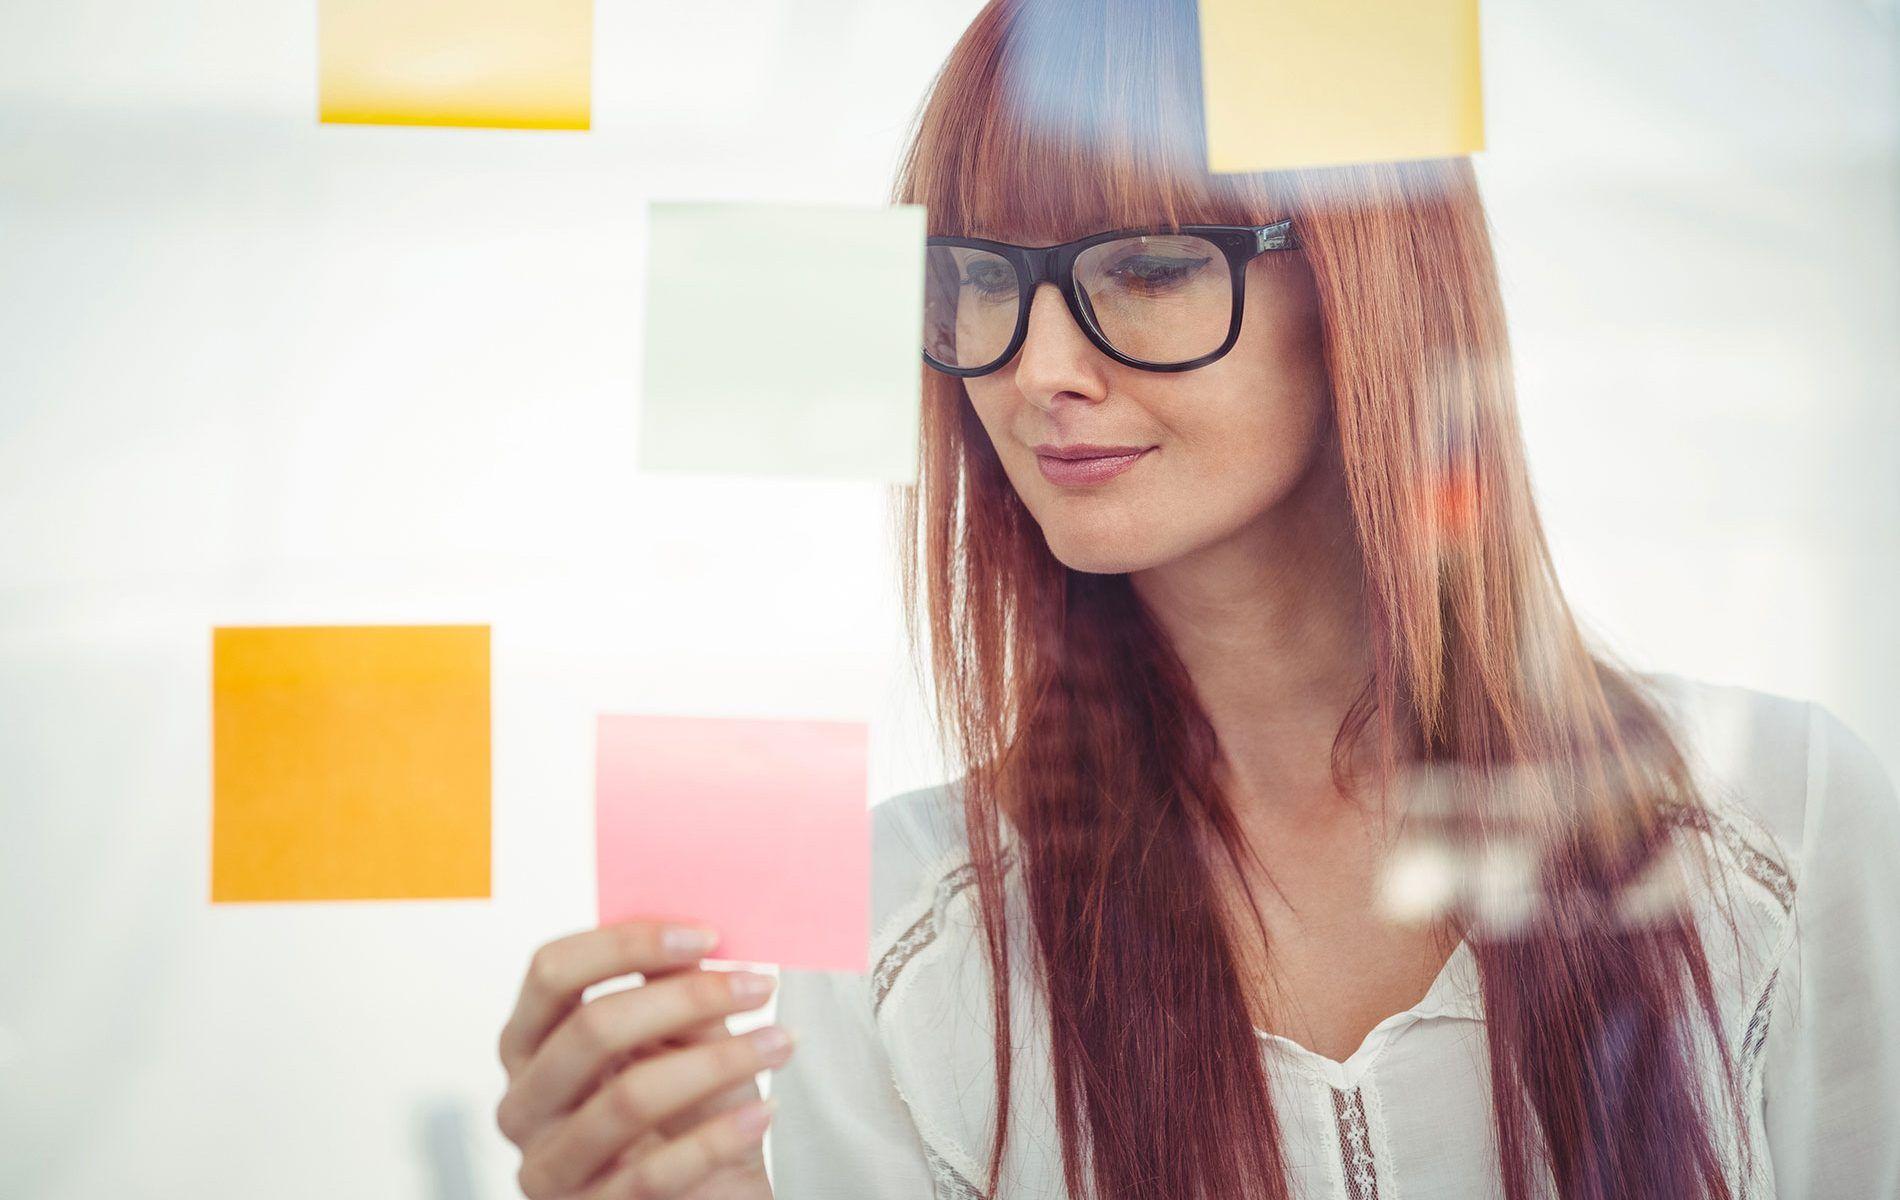 Eine Frau gruppiert ihre Inhalte mithilfe von bunten Post-Its.